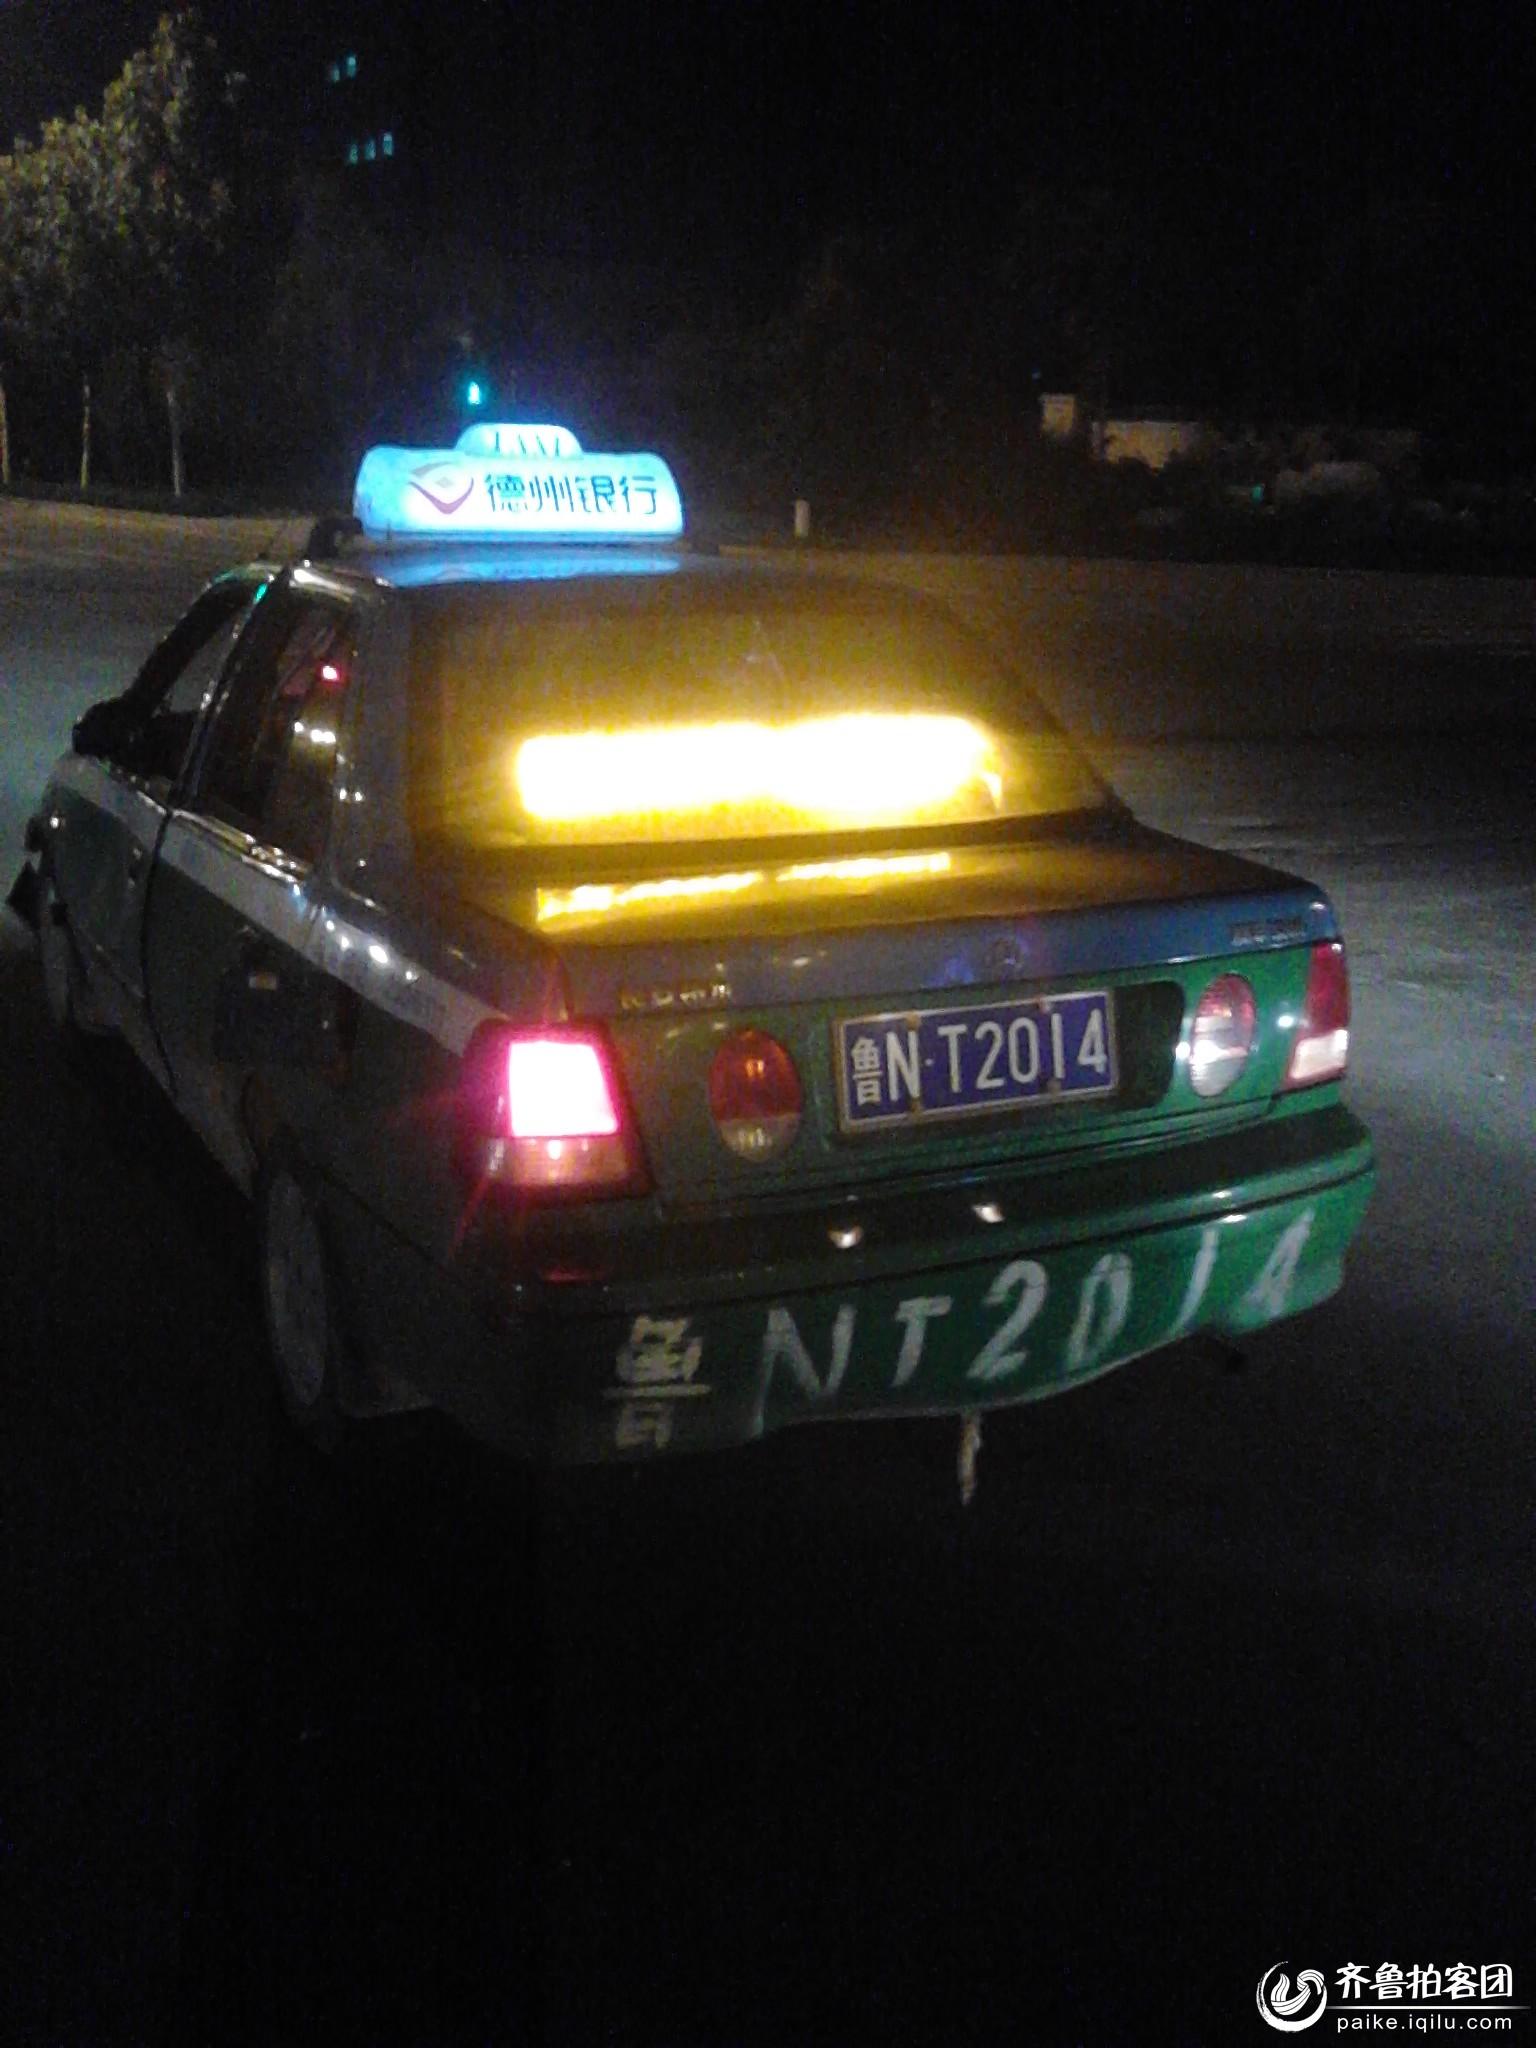 今晚十一时许,在大学路与德兴路交叉口发生一起 车祸高清图片